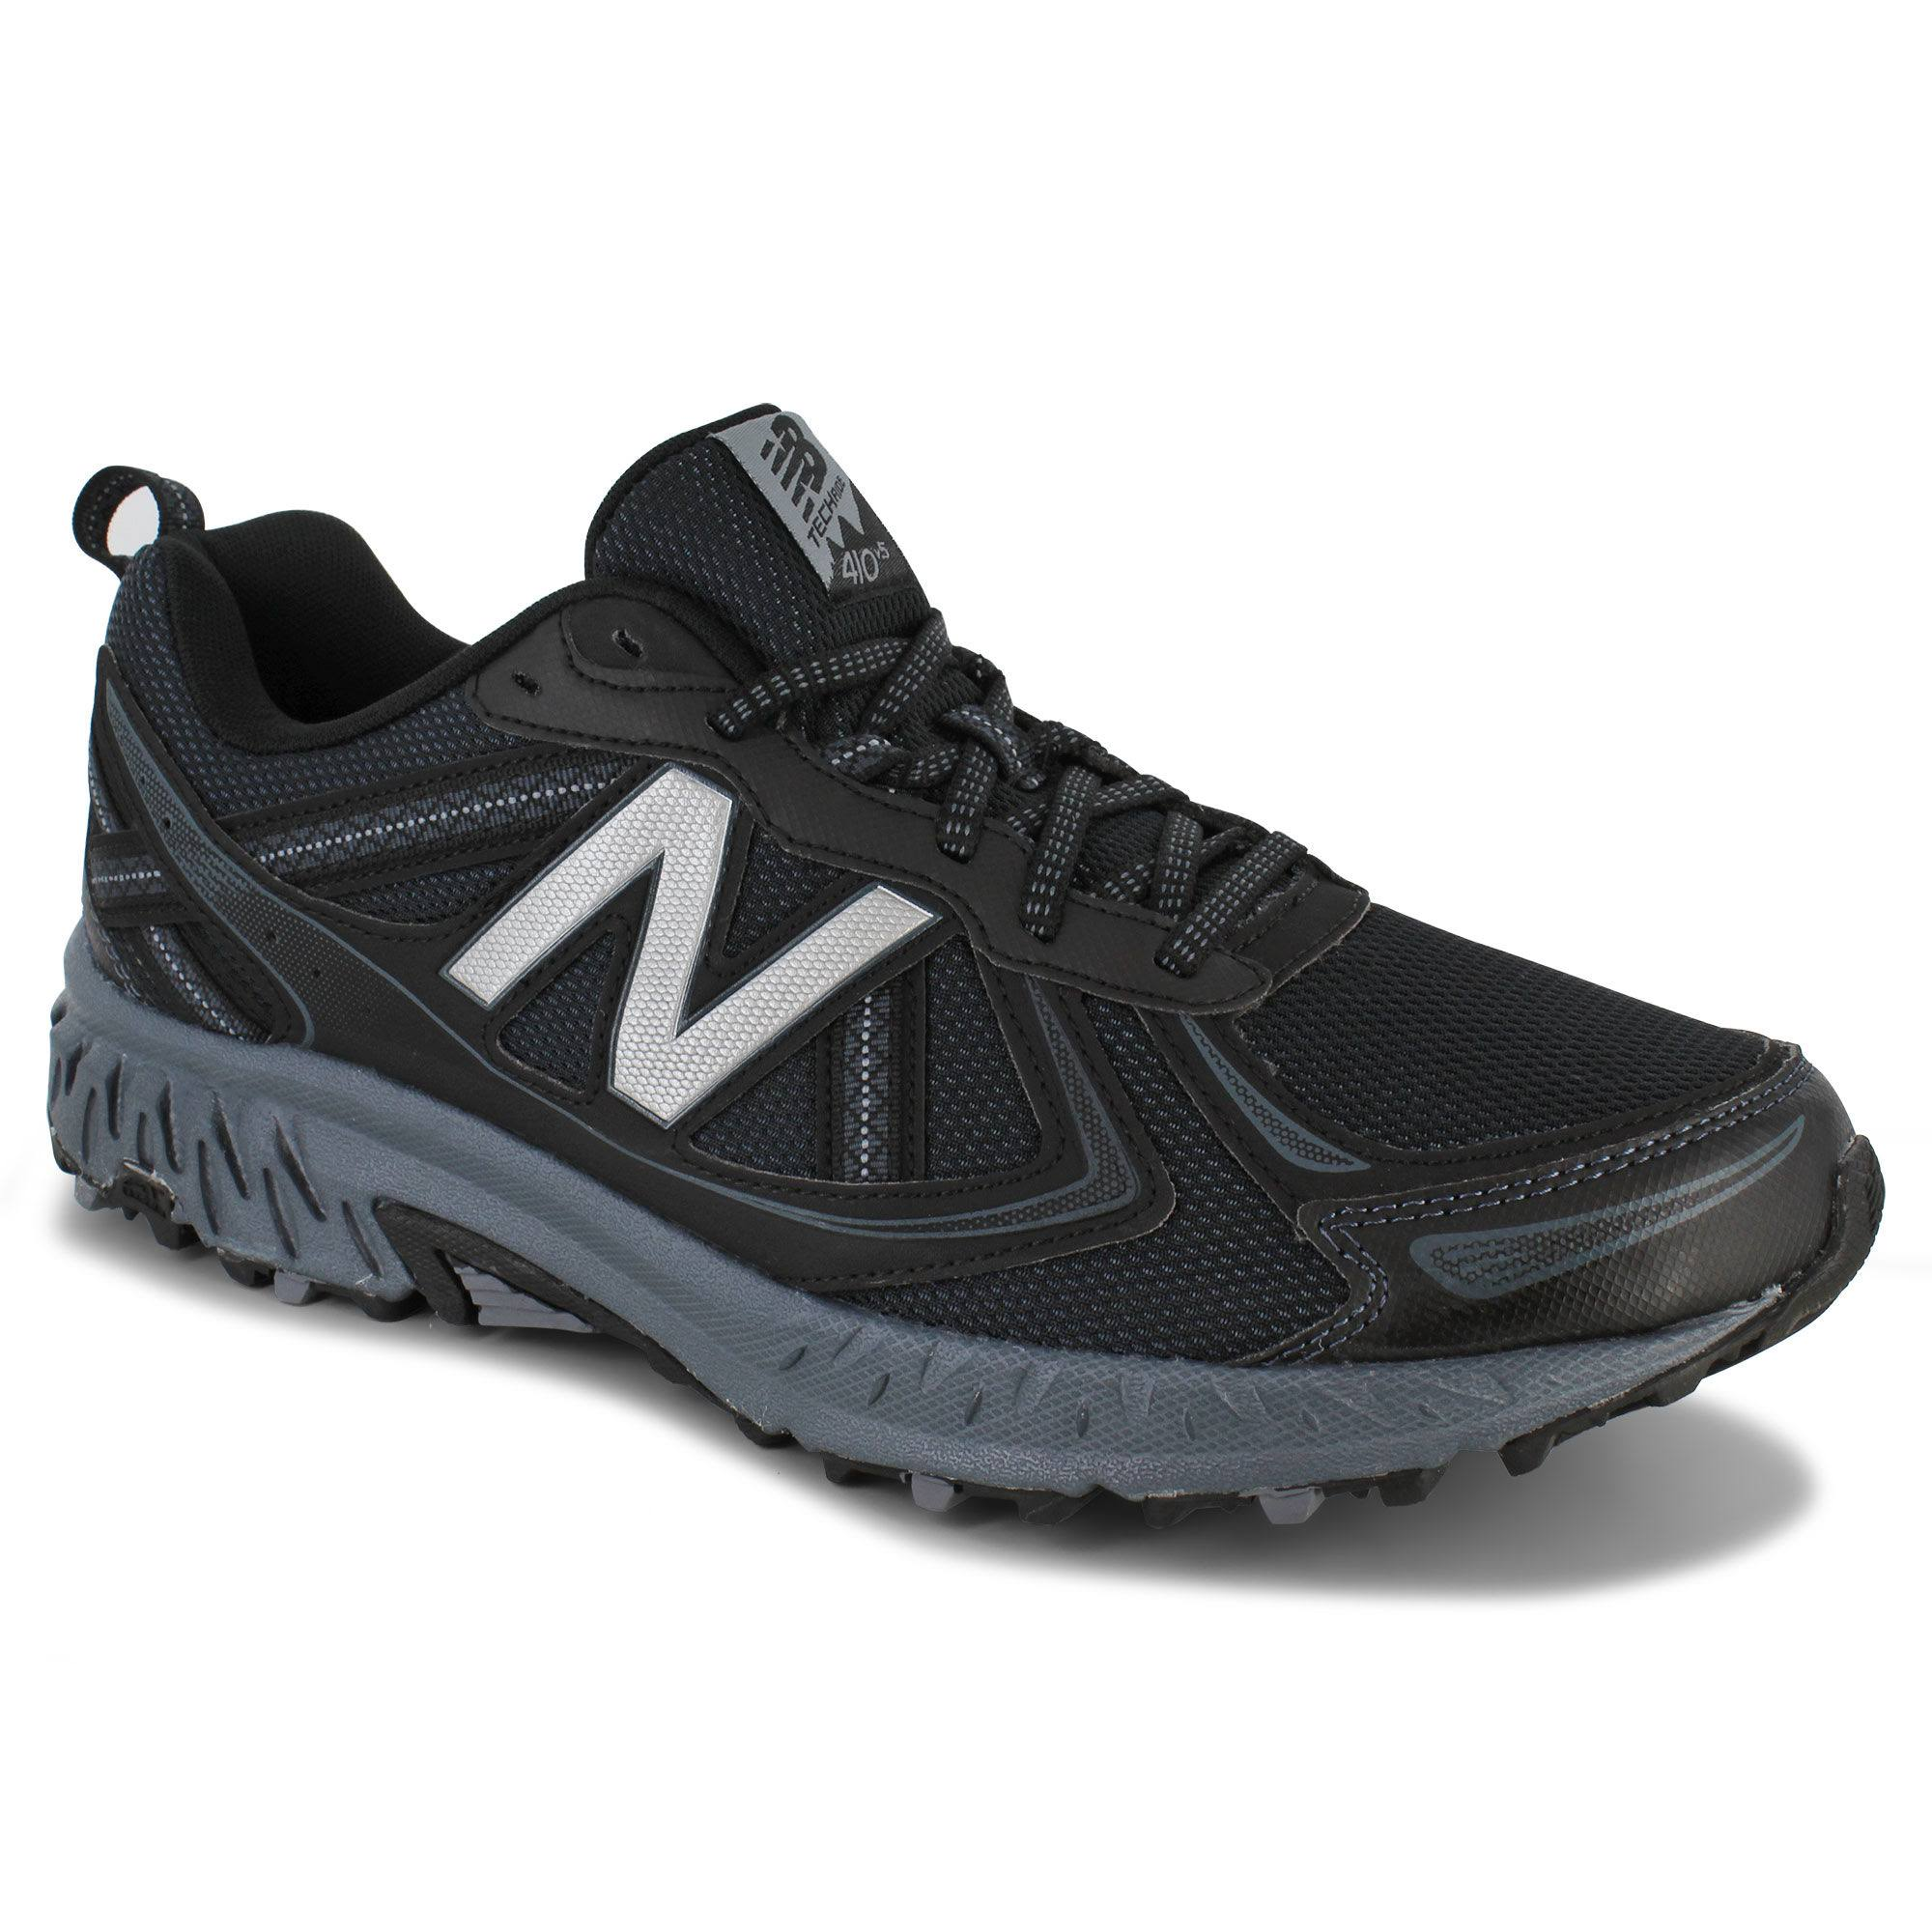 Tamaño De Mt410lb5 5 Hombres negro Trail New Balance Zapatillas 8 Para Running ACqzIw